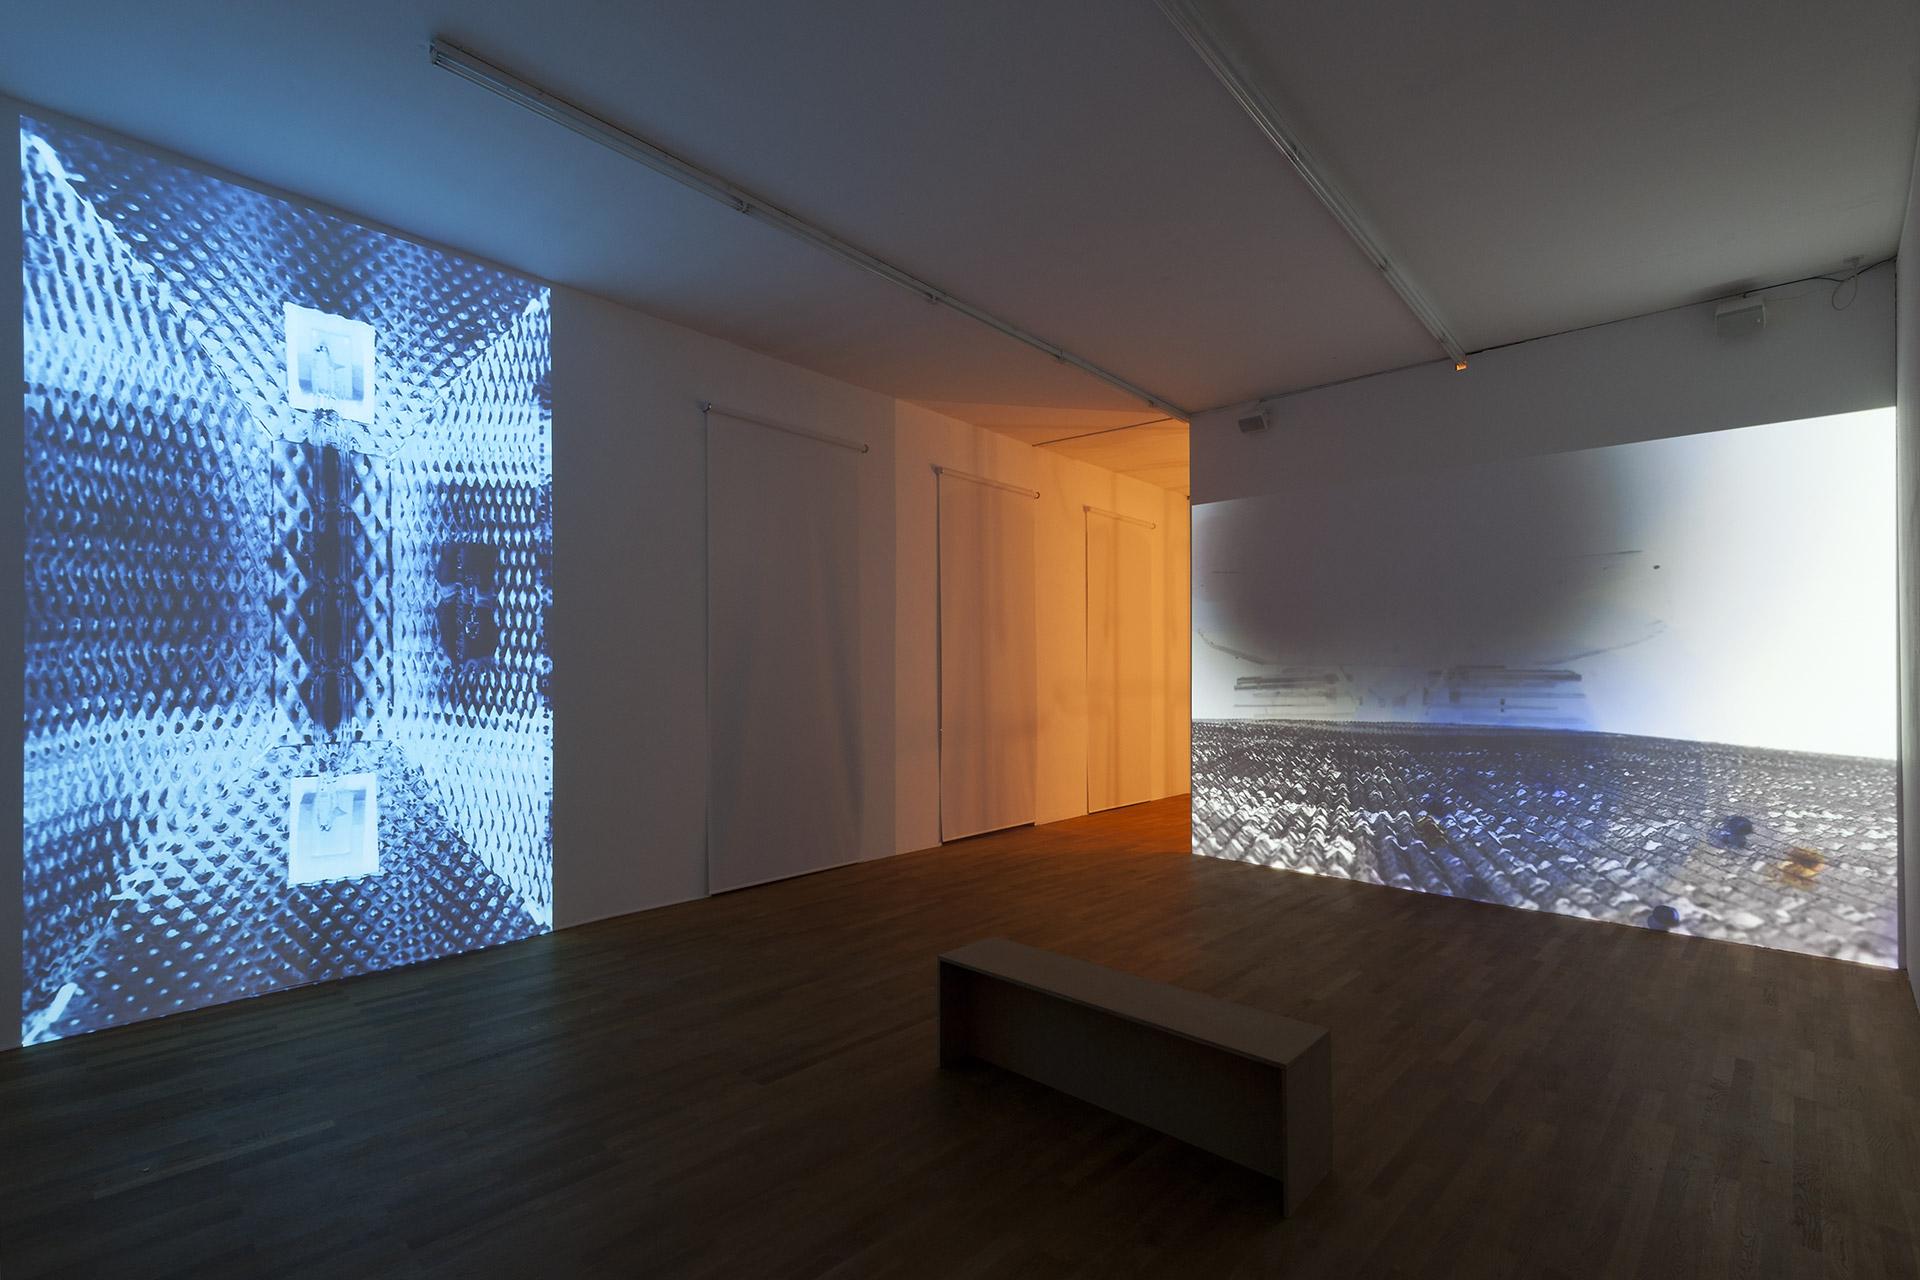 Andre-Bless-Kunsthalle-Winterthur-2014.jpg